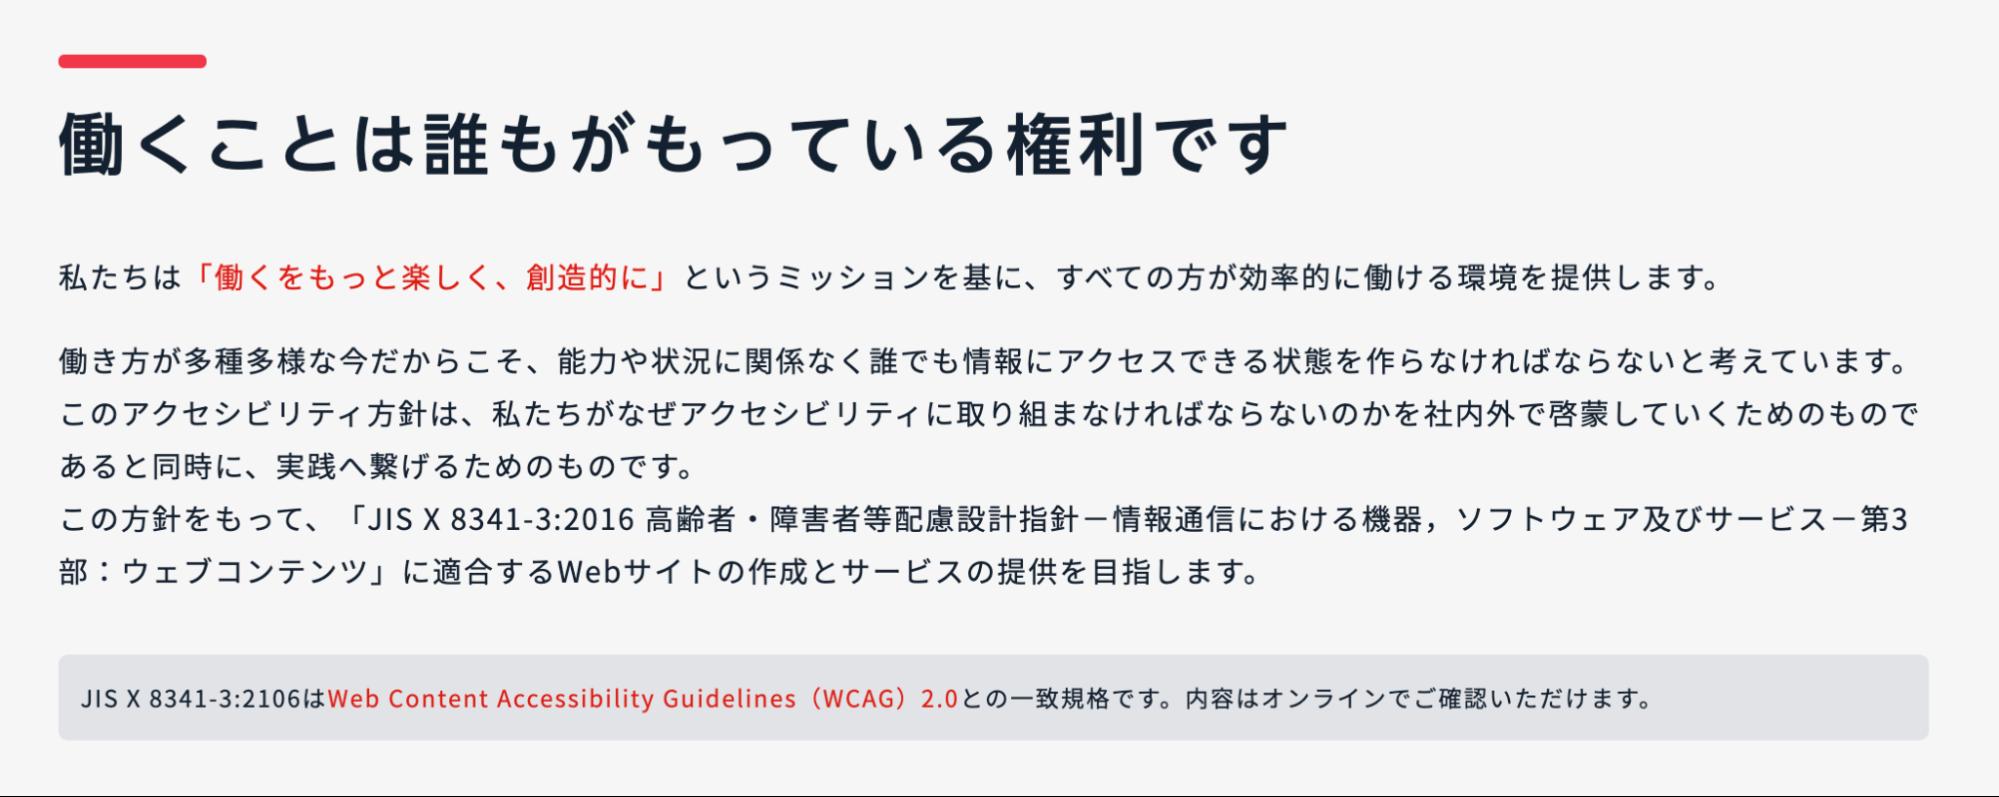 スクリーンショット:Chatworkアクセシビリティ方針,働くことは誰もが持っている権利です,と書かれている